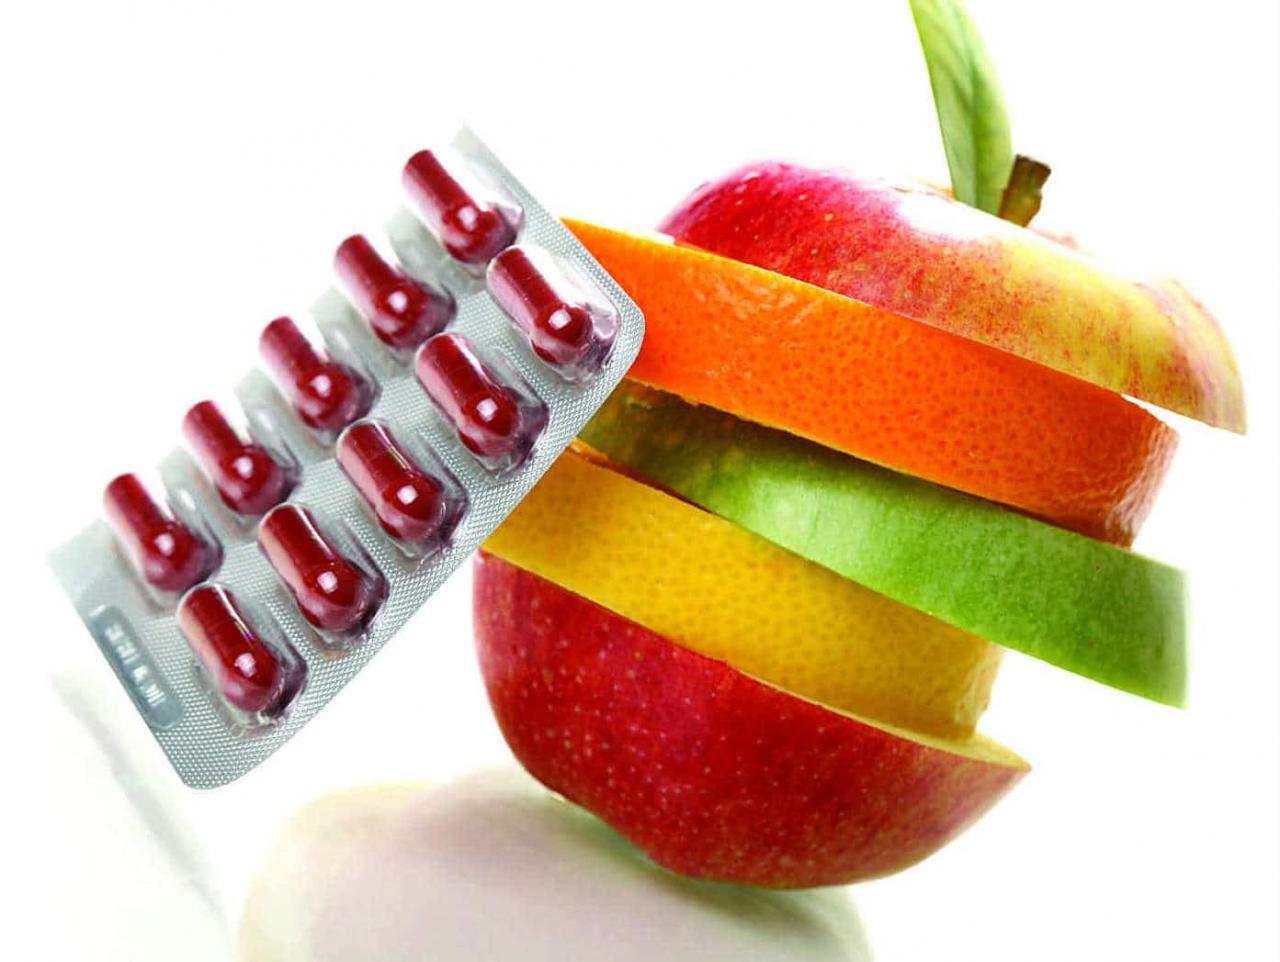 صورة فوائد الحديد للجسم , اهميه فيتامين الحديد في الجسم